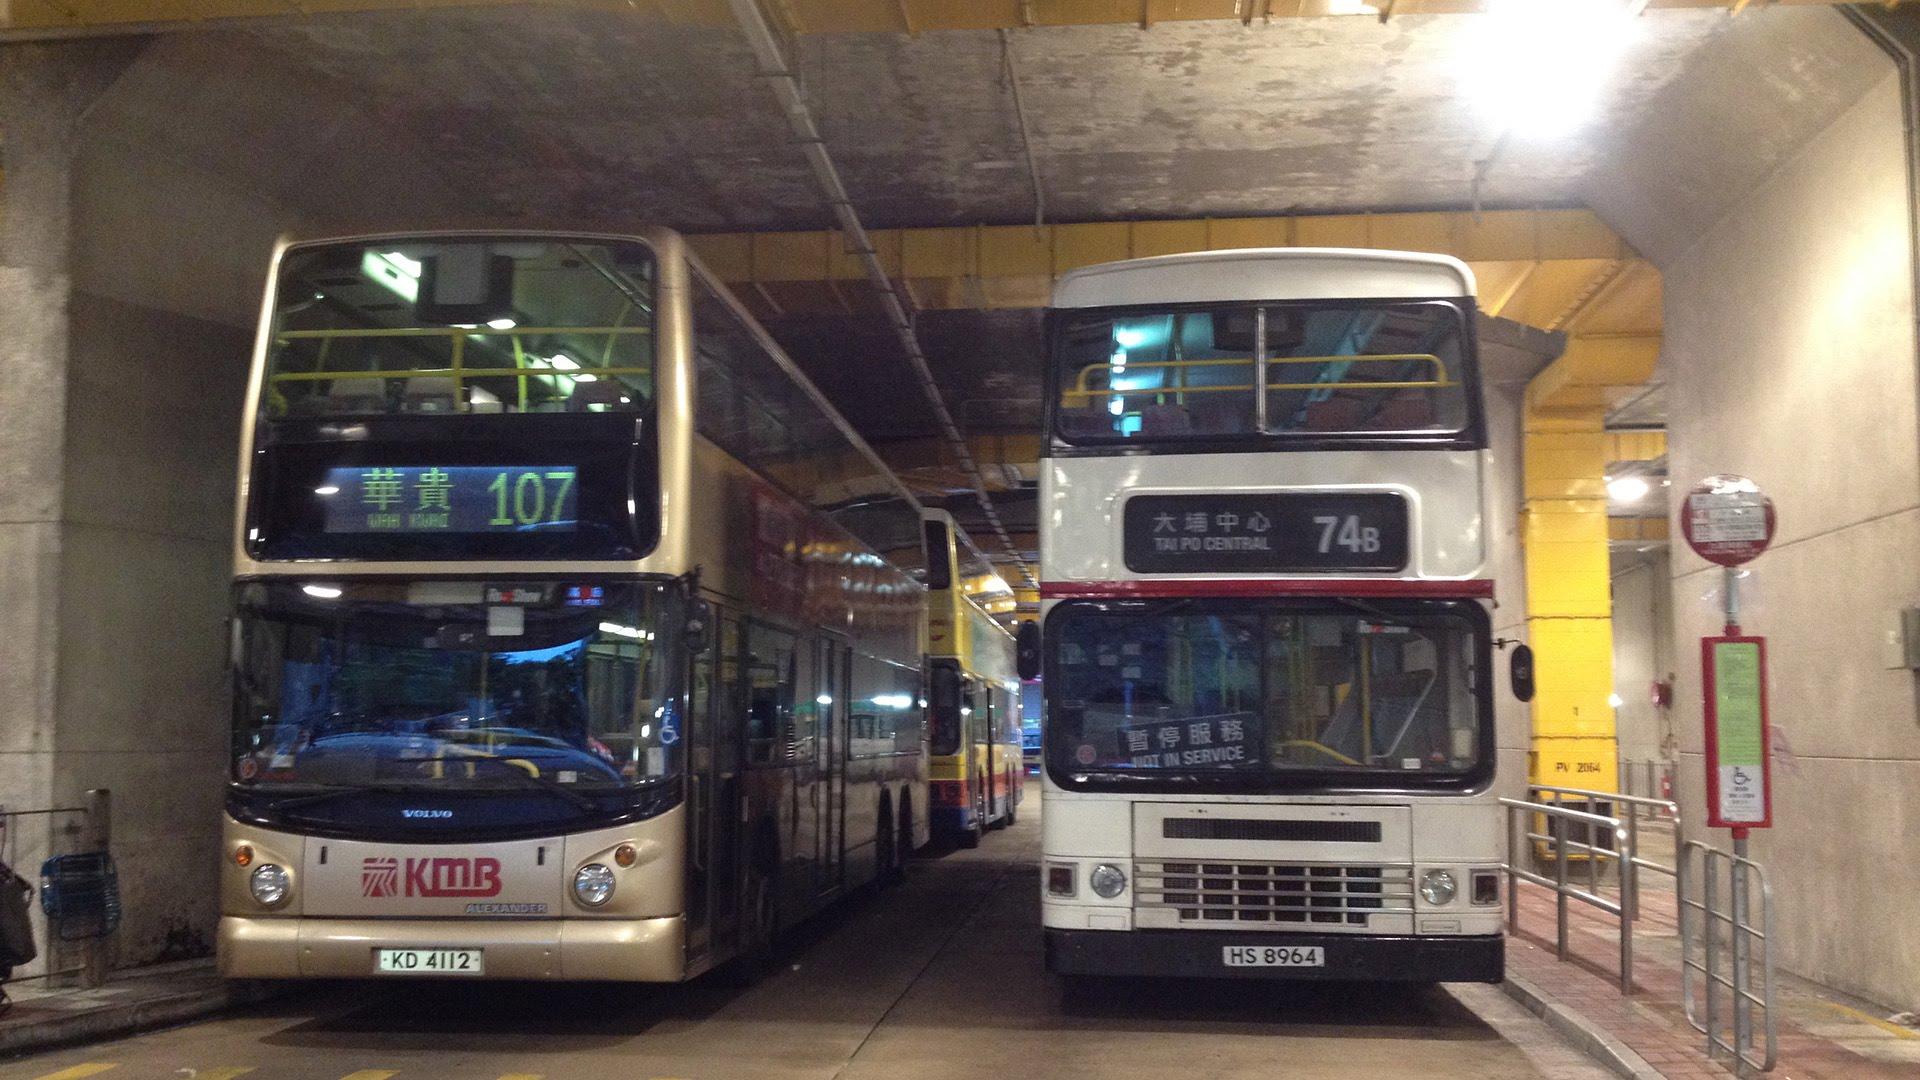 Hong Kong Bus KMB 3AD150 @ 74B 九龍巴士 Dennis Dragon 九龍灣總站-大埔中心